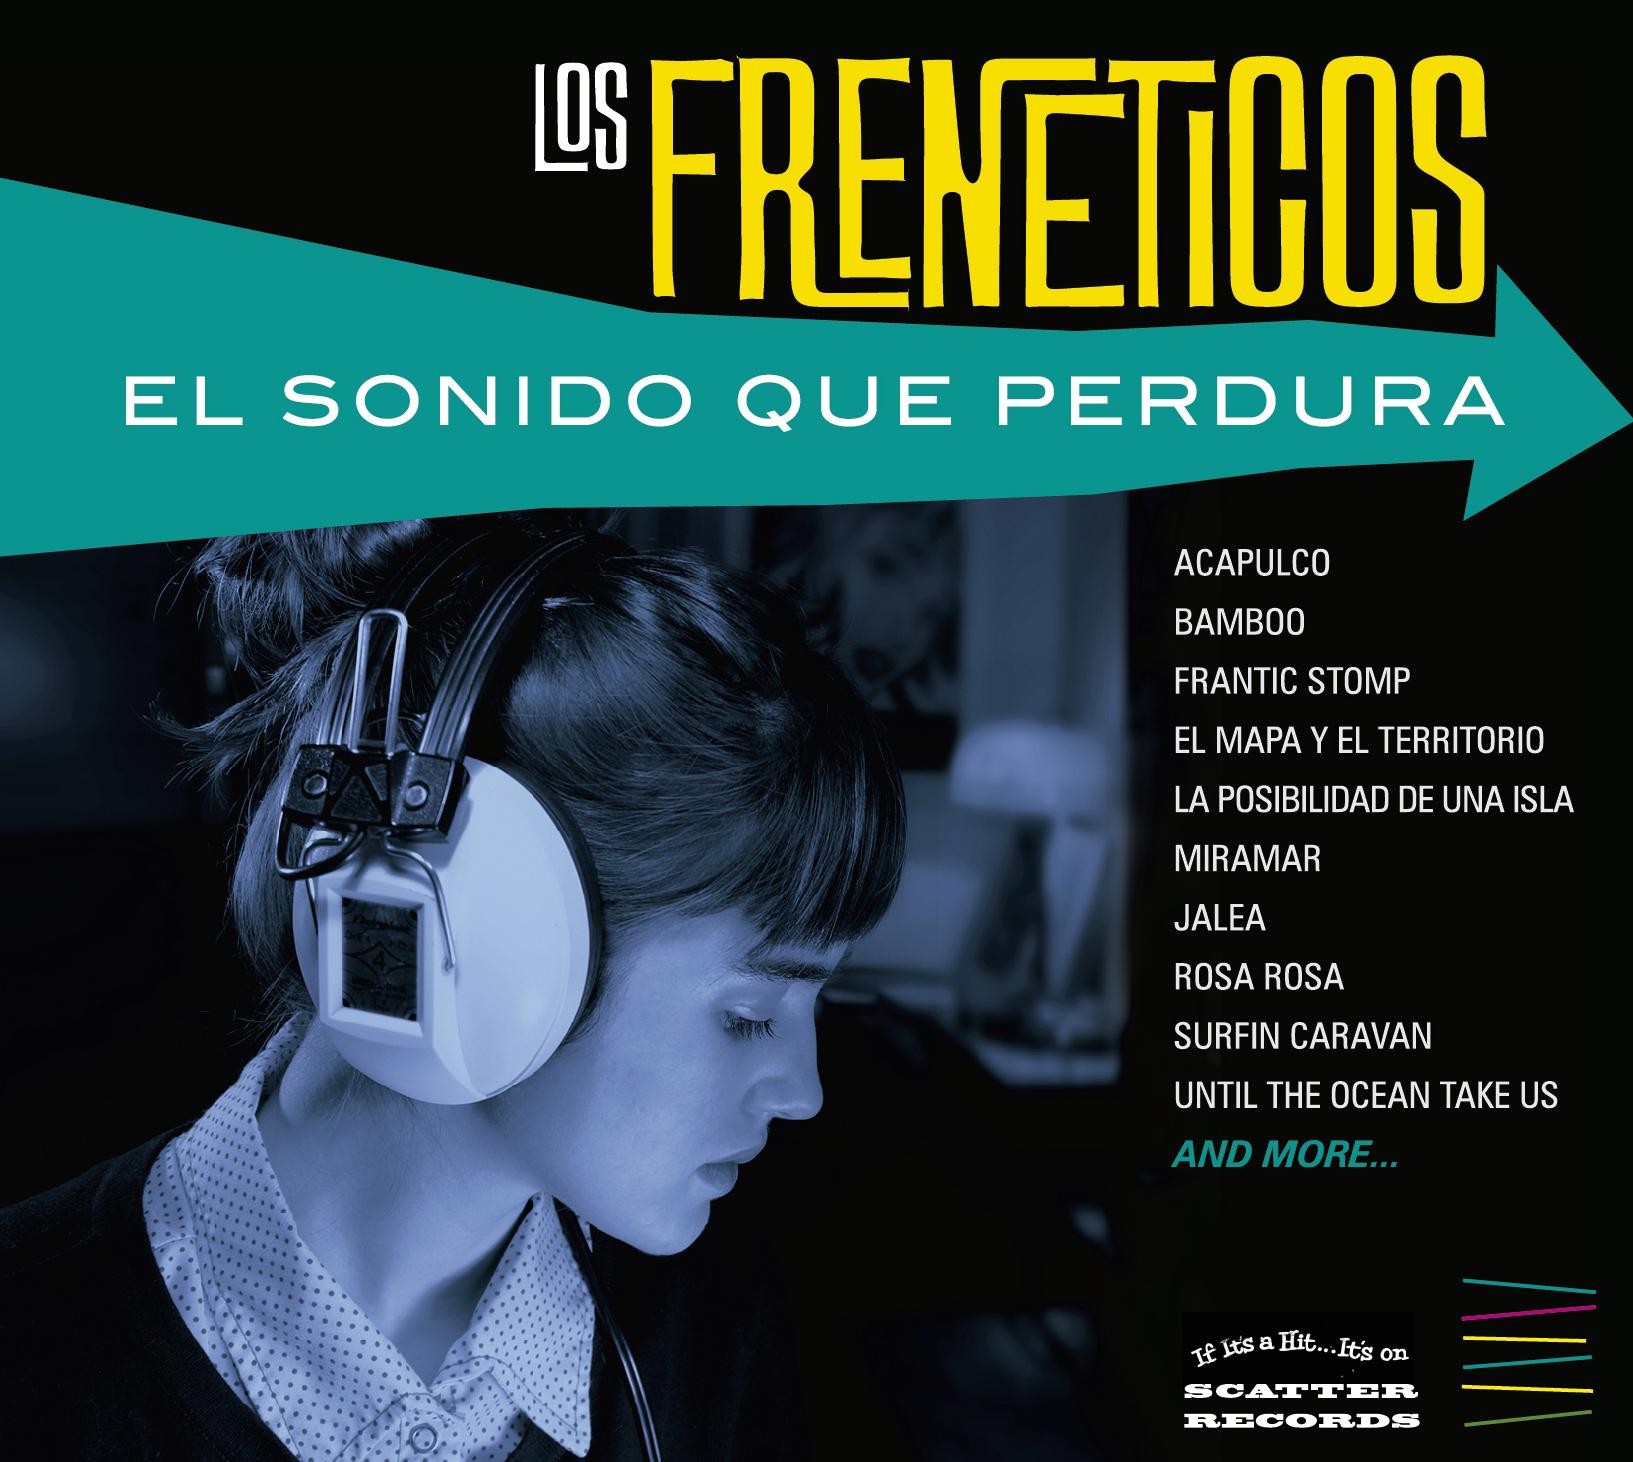 Los Freneticos - El Sonido Que Perdura